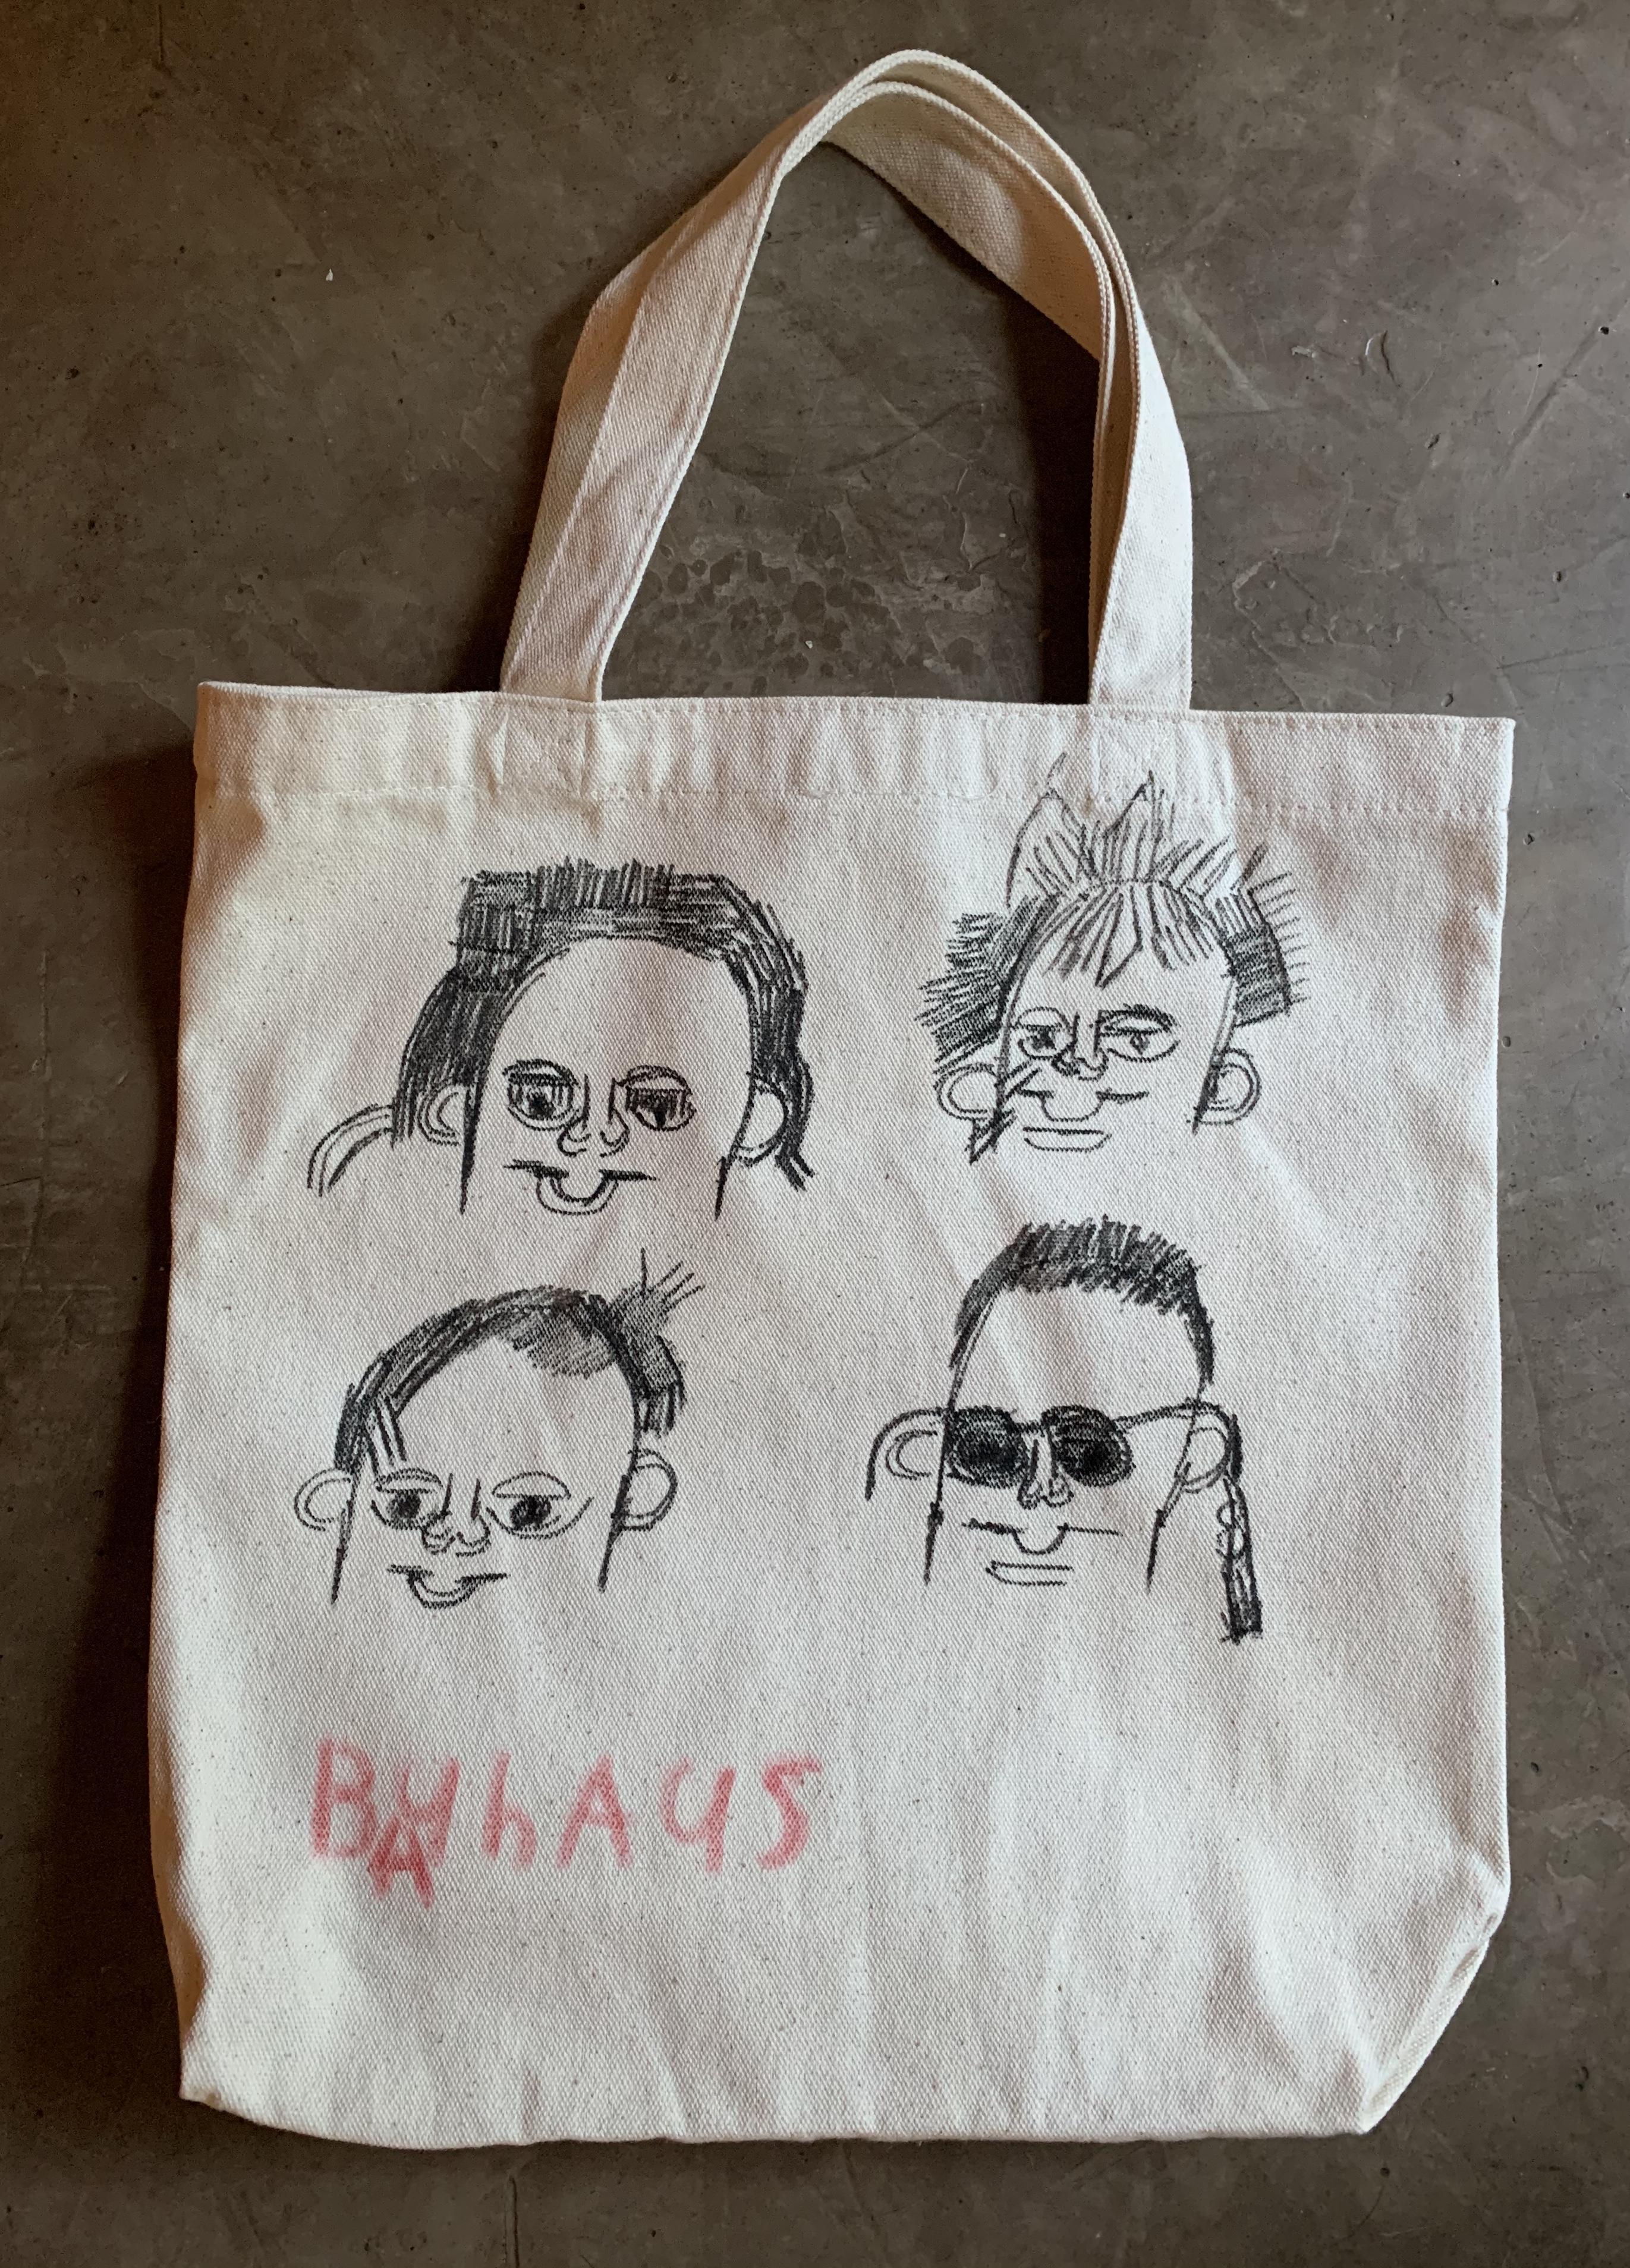 Bauhaus Tote